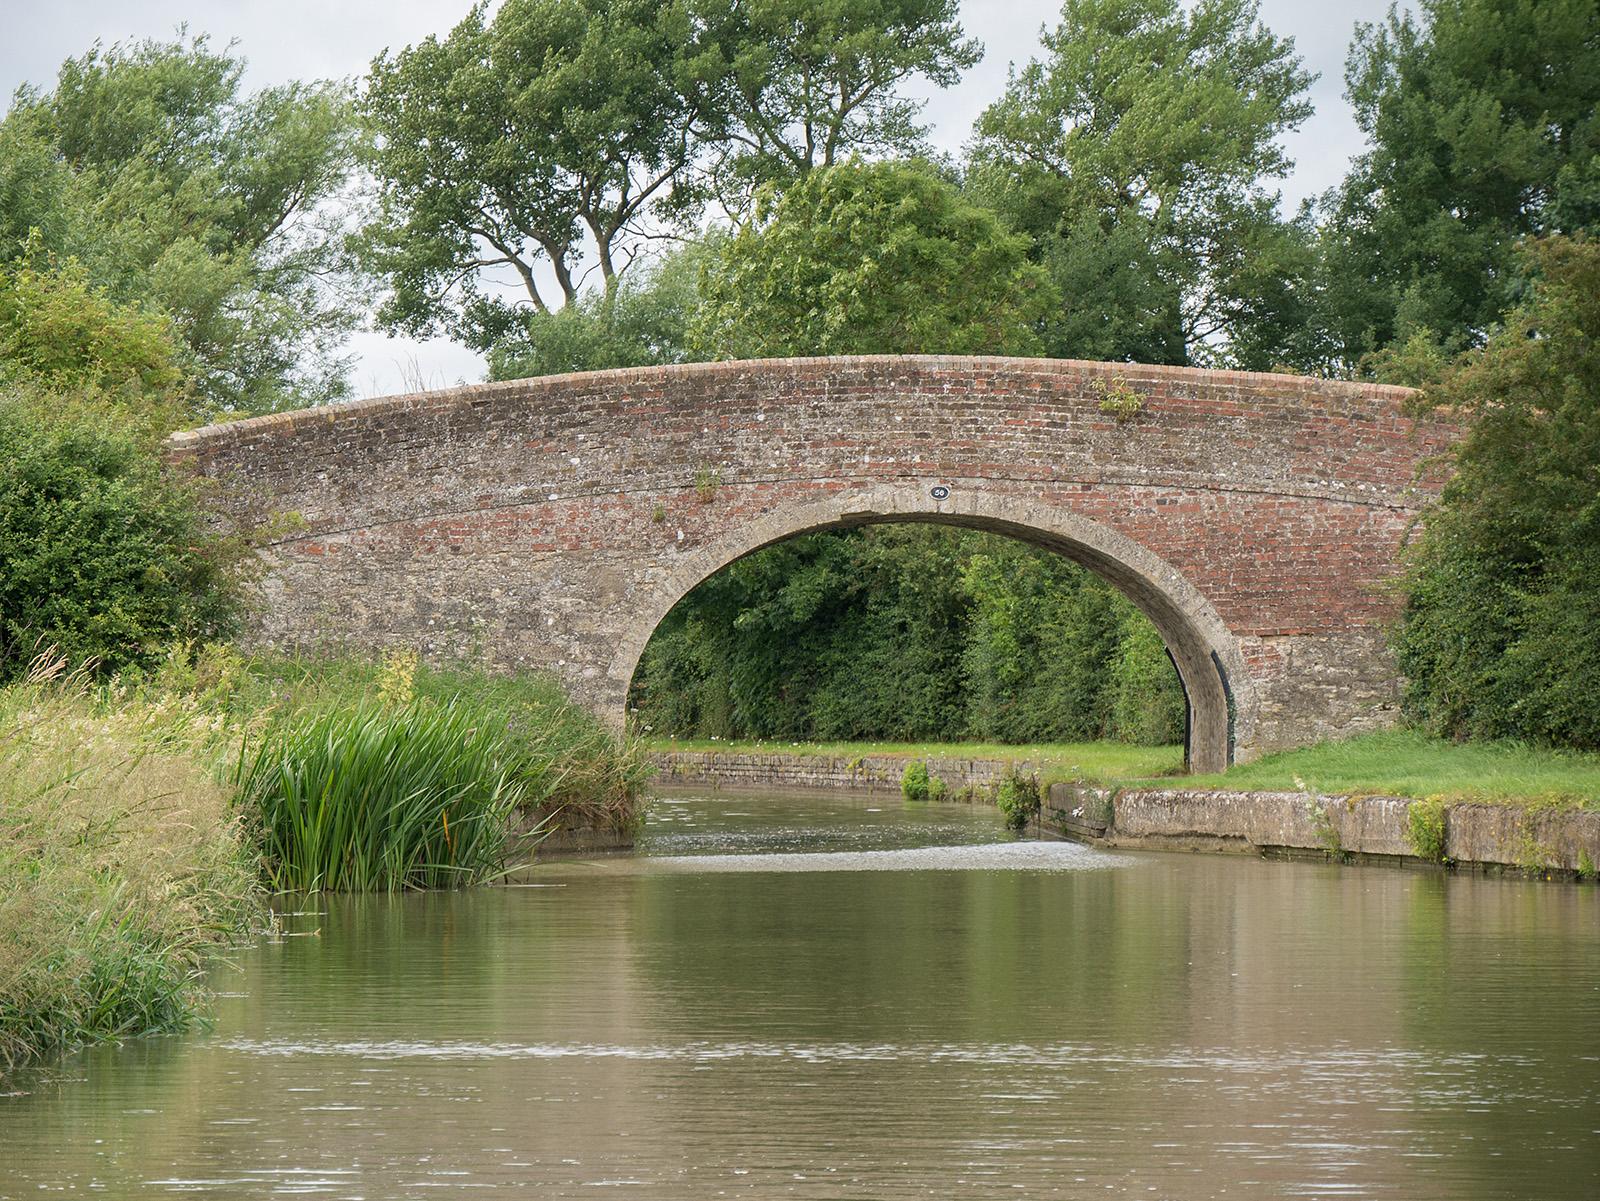 Bridge 56 near Bozenham